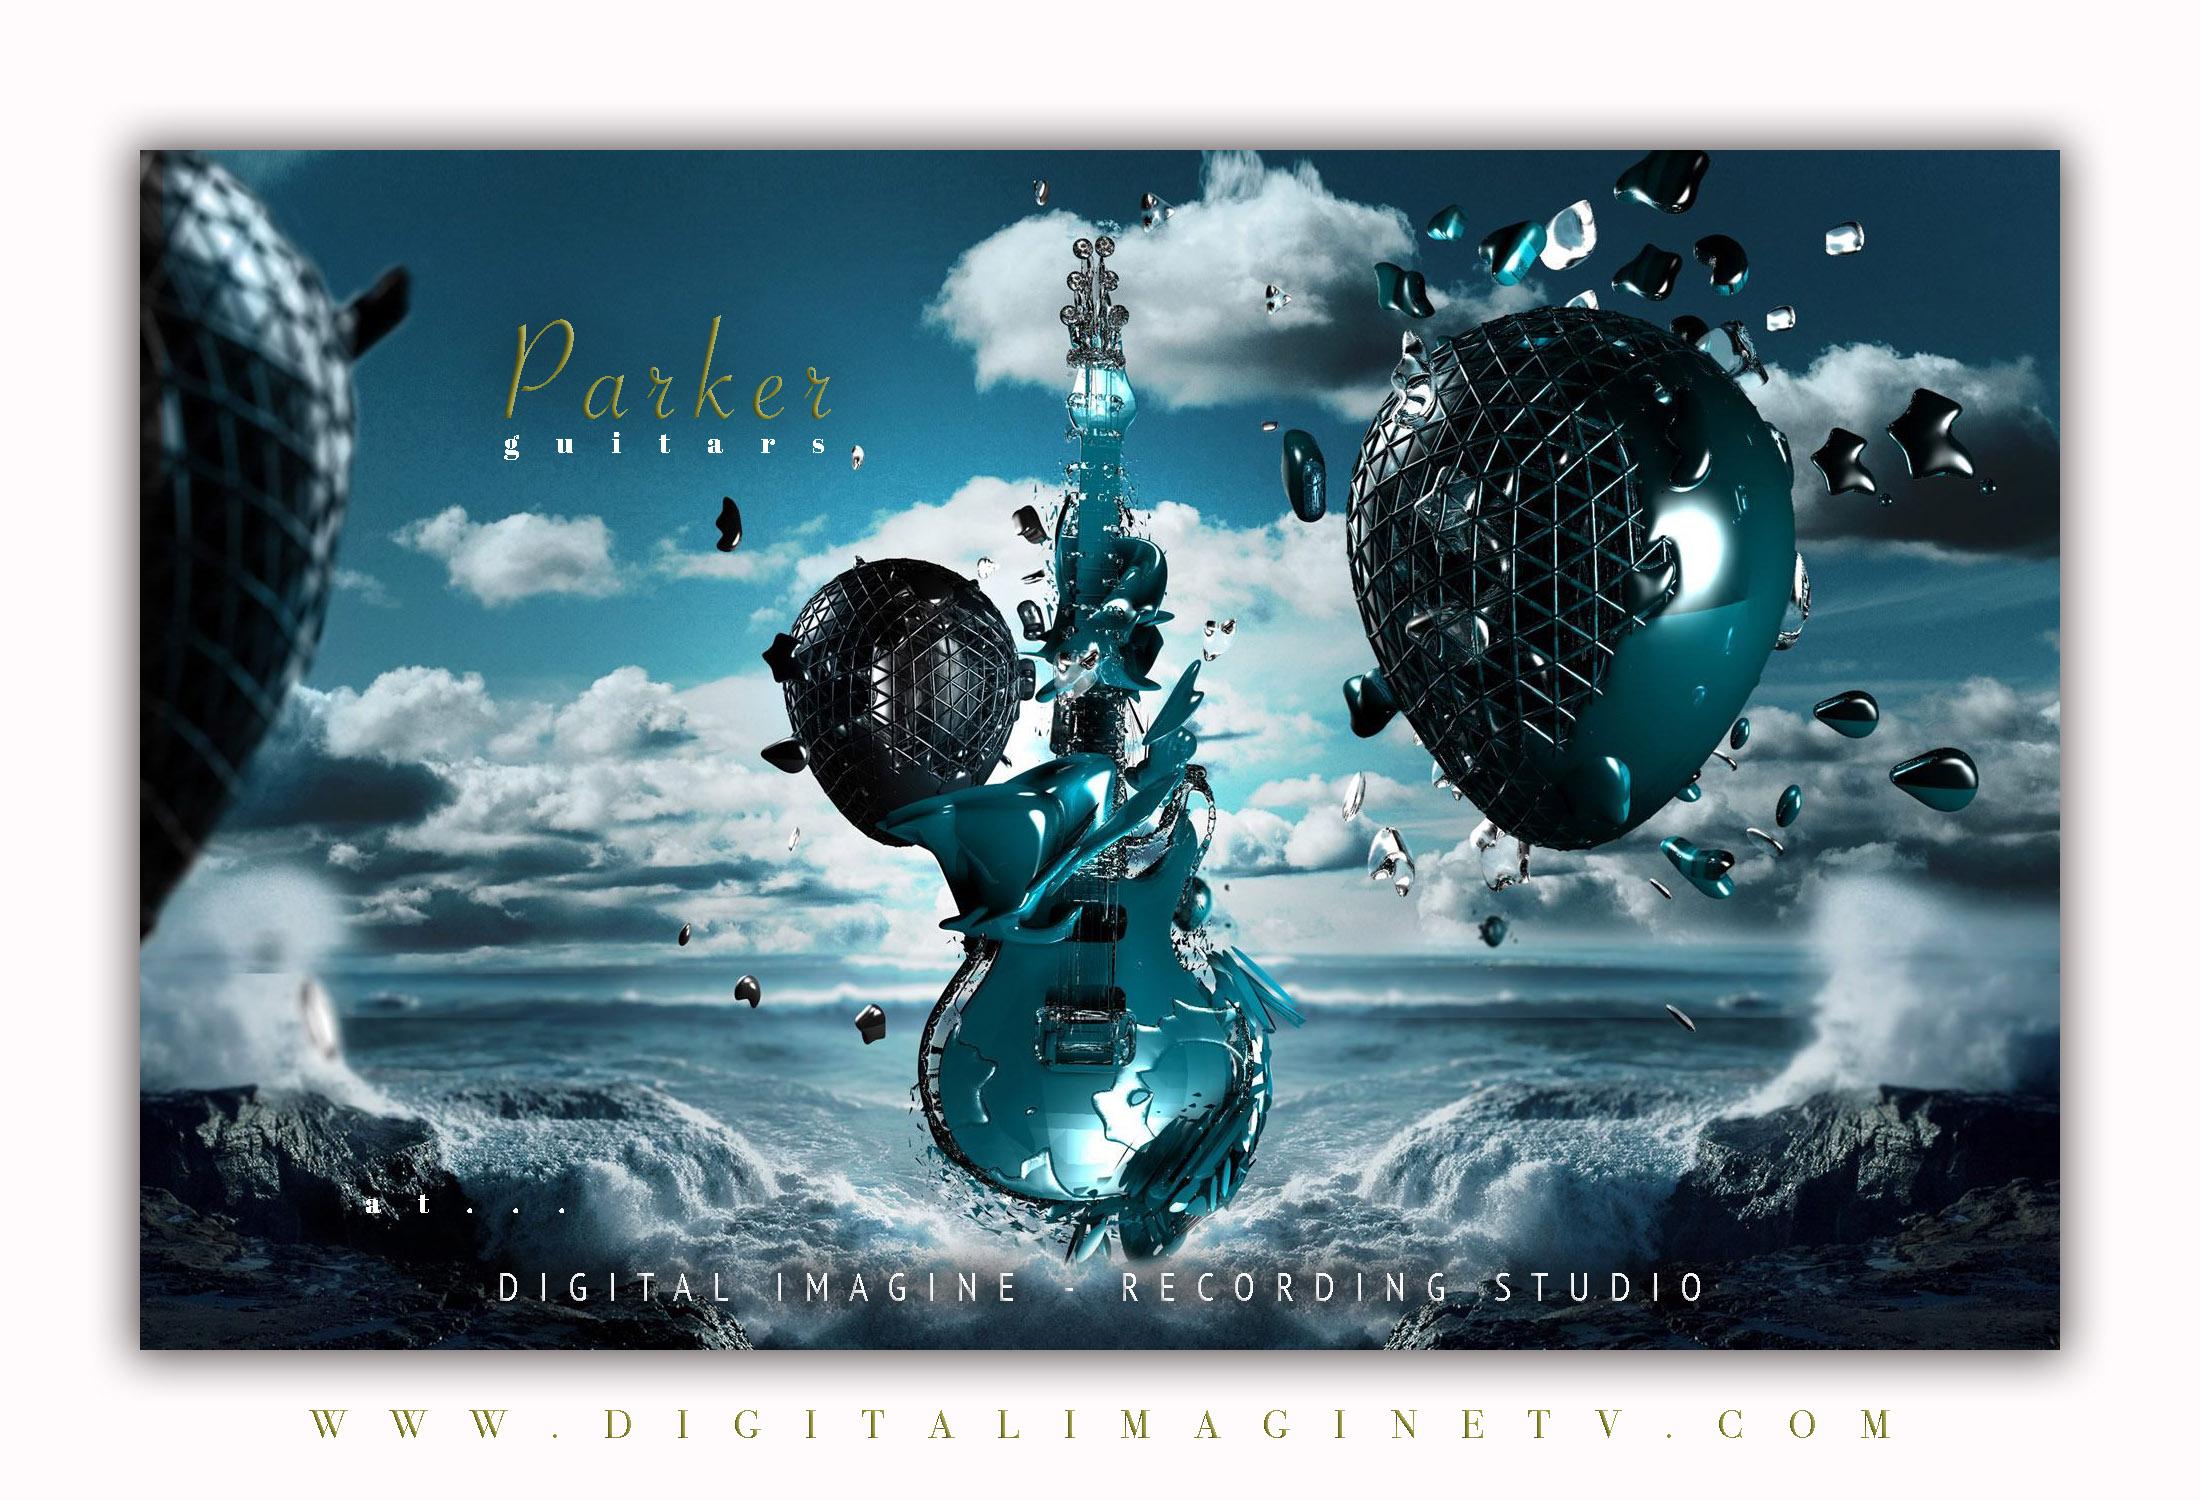 Parker-guitars-1c